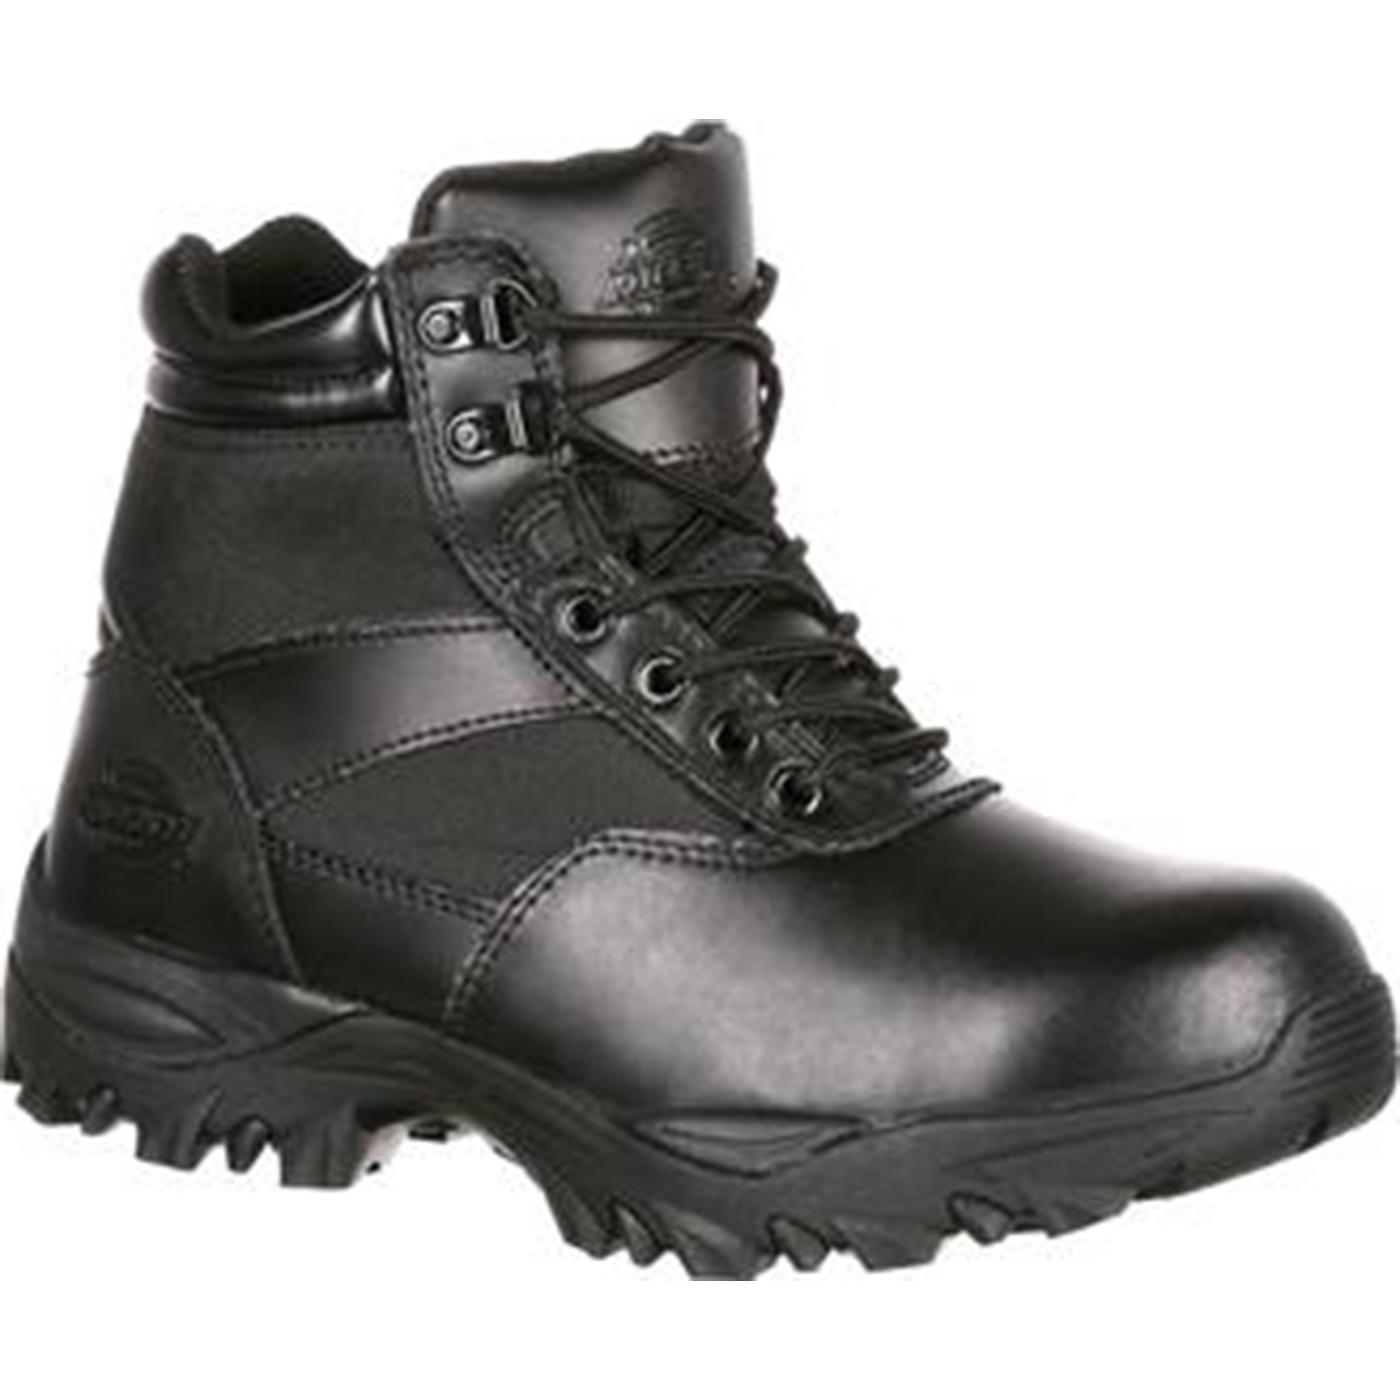 3717f0fe18 Dickies Spear Steel Toe Work BootDickies Spear Steel Toe Work Boot,